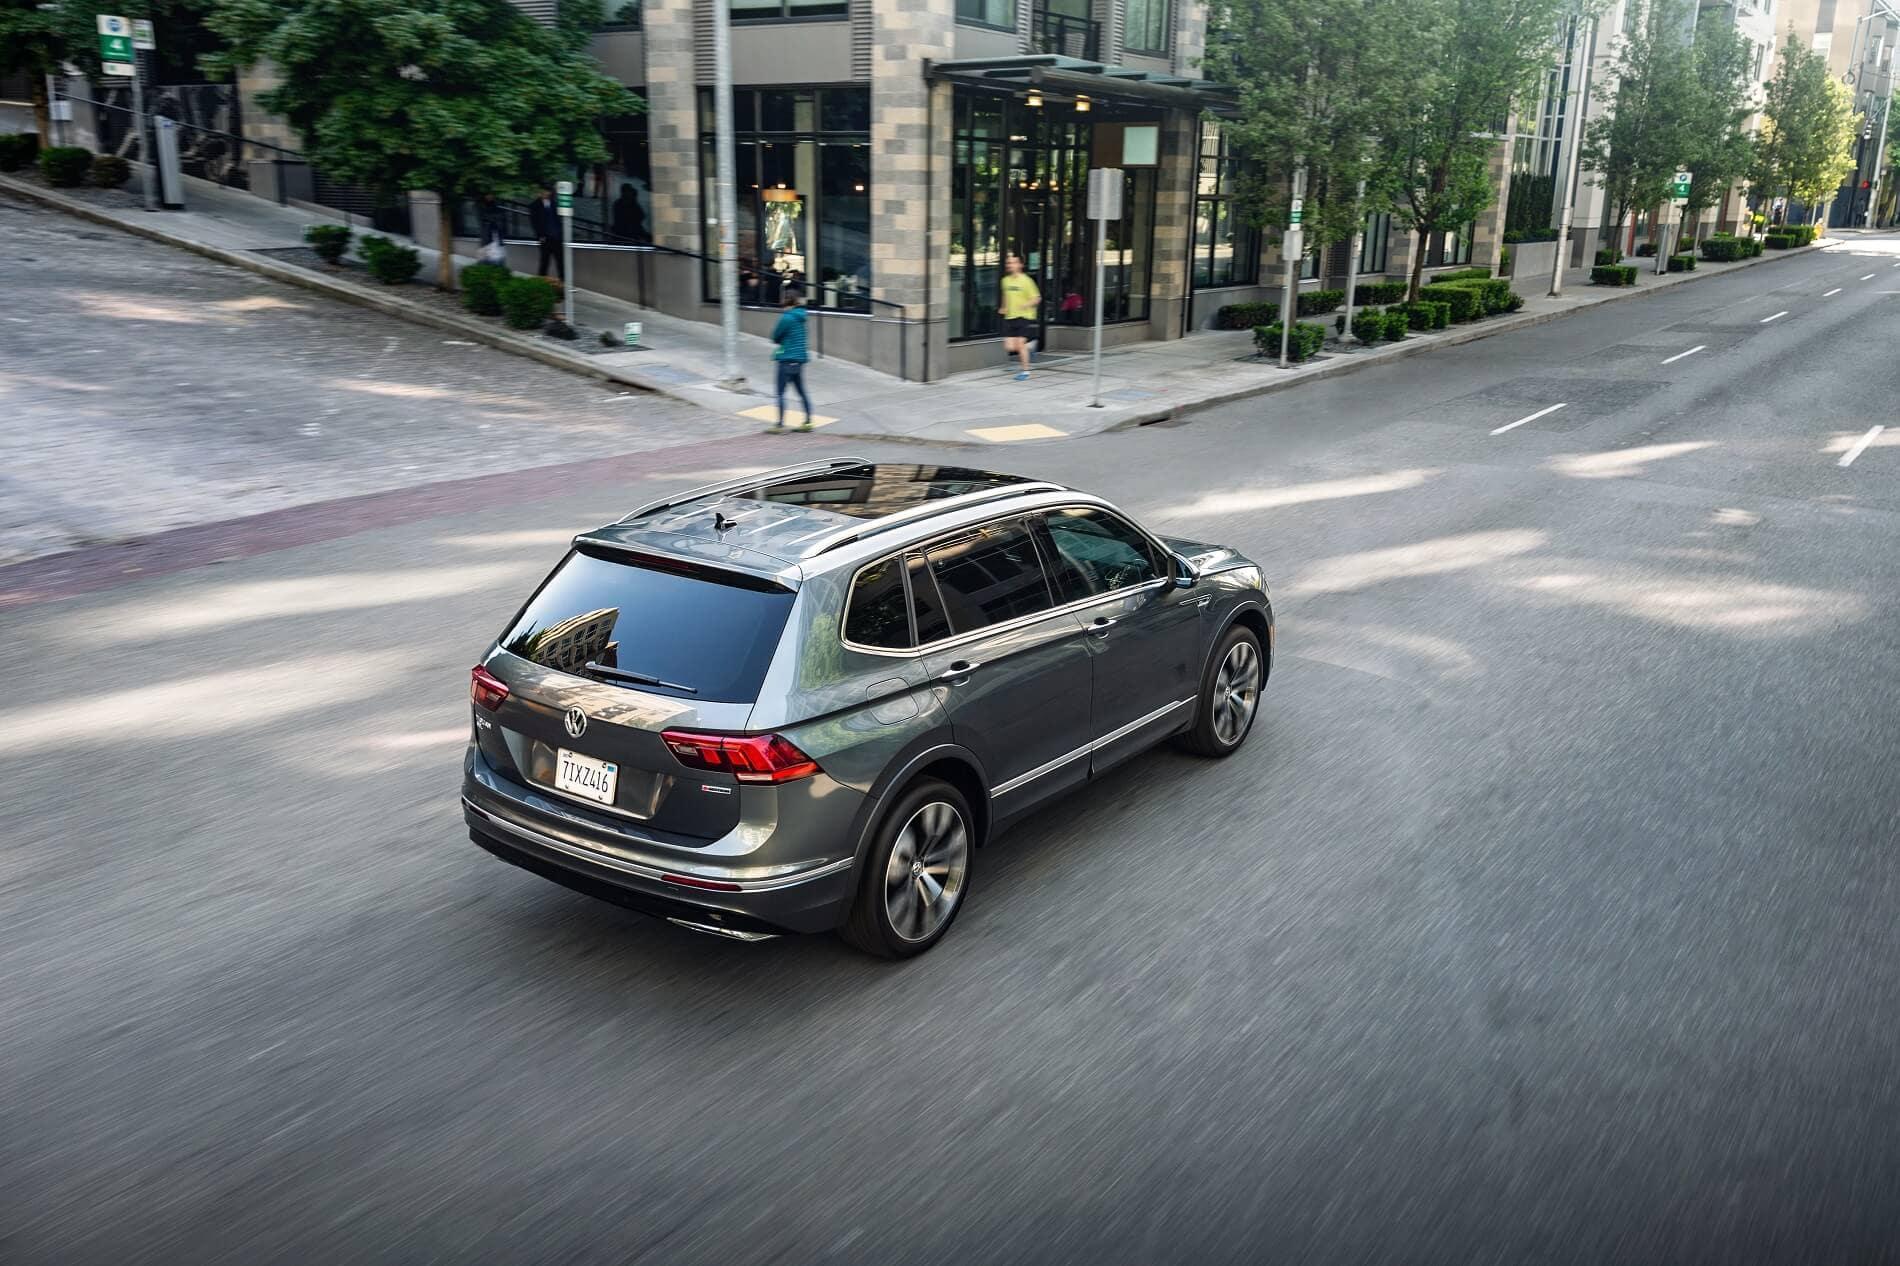 Volkswagen Tiguan on Street